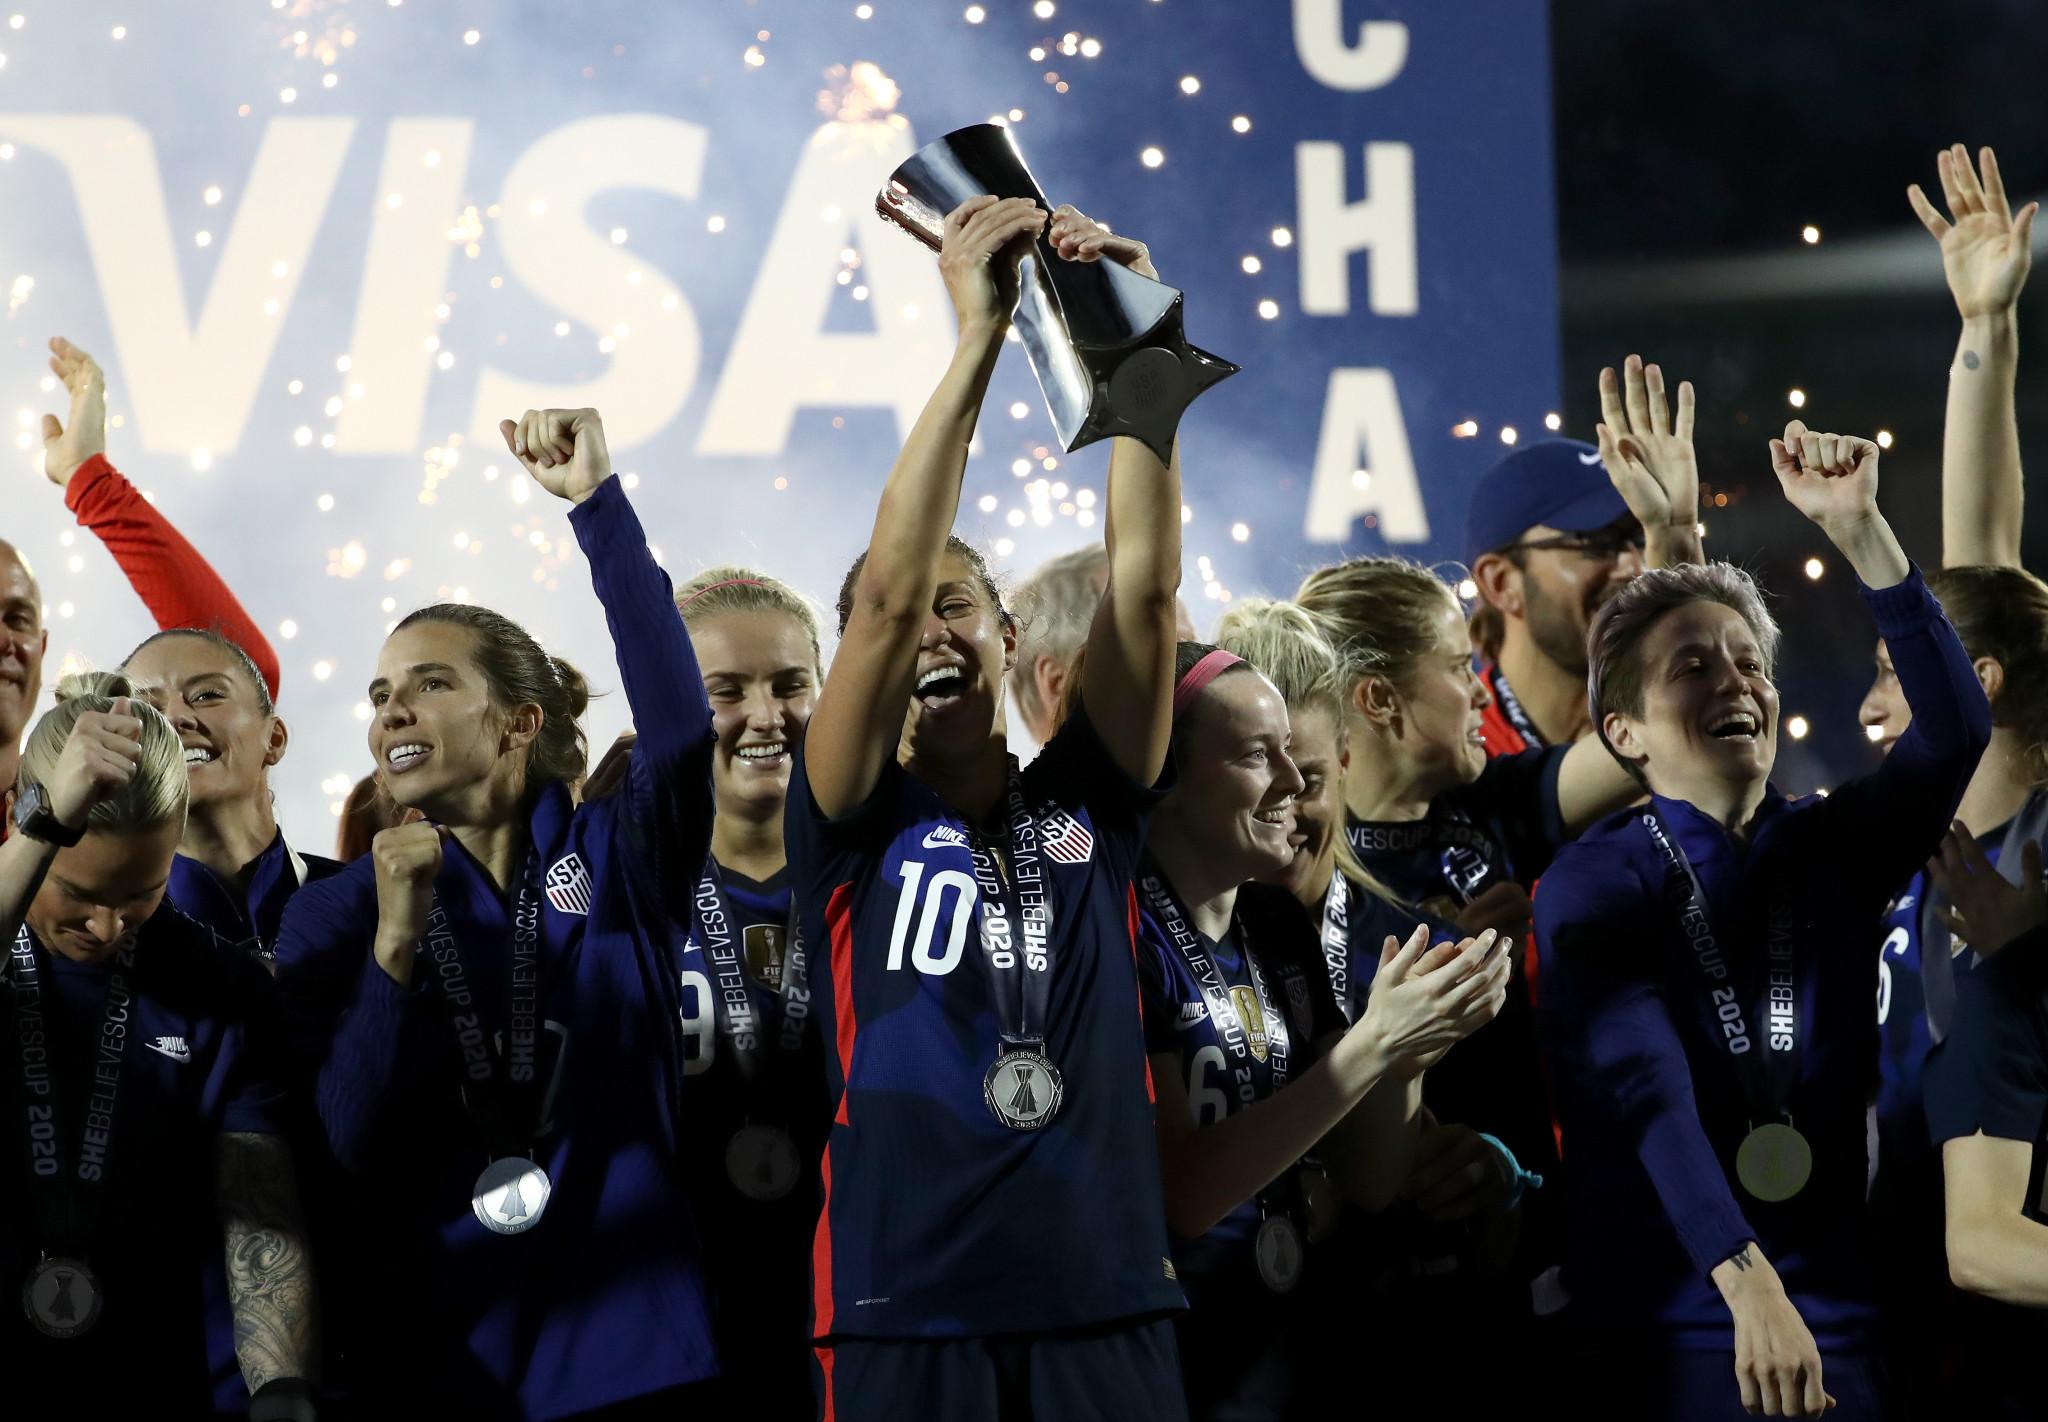 Estados Unidos ganó la Copa Shepelves del año pasado © Getty Images